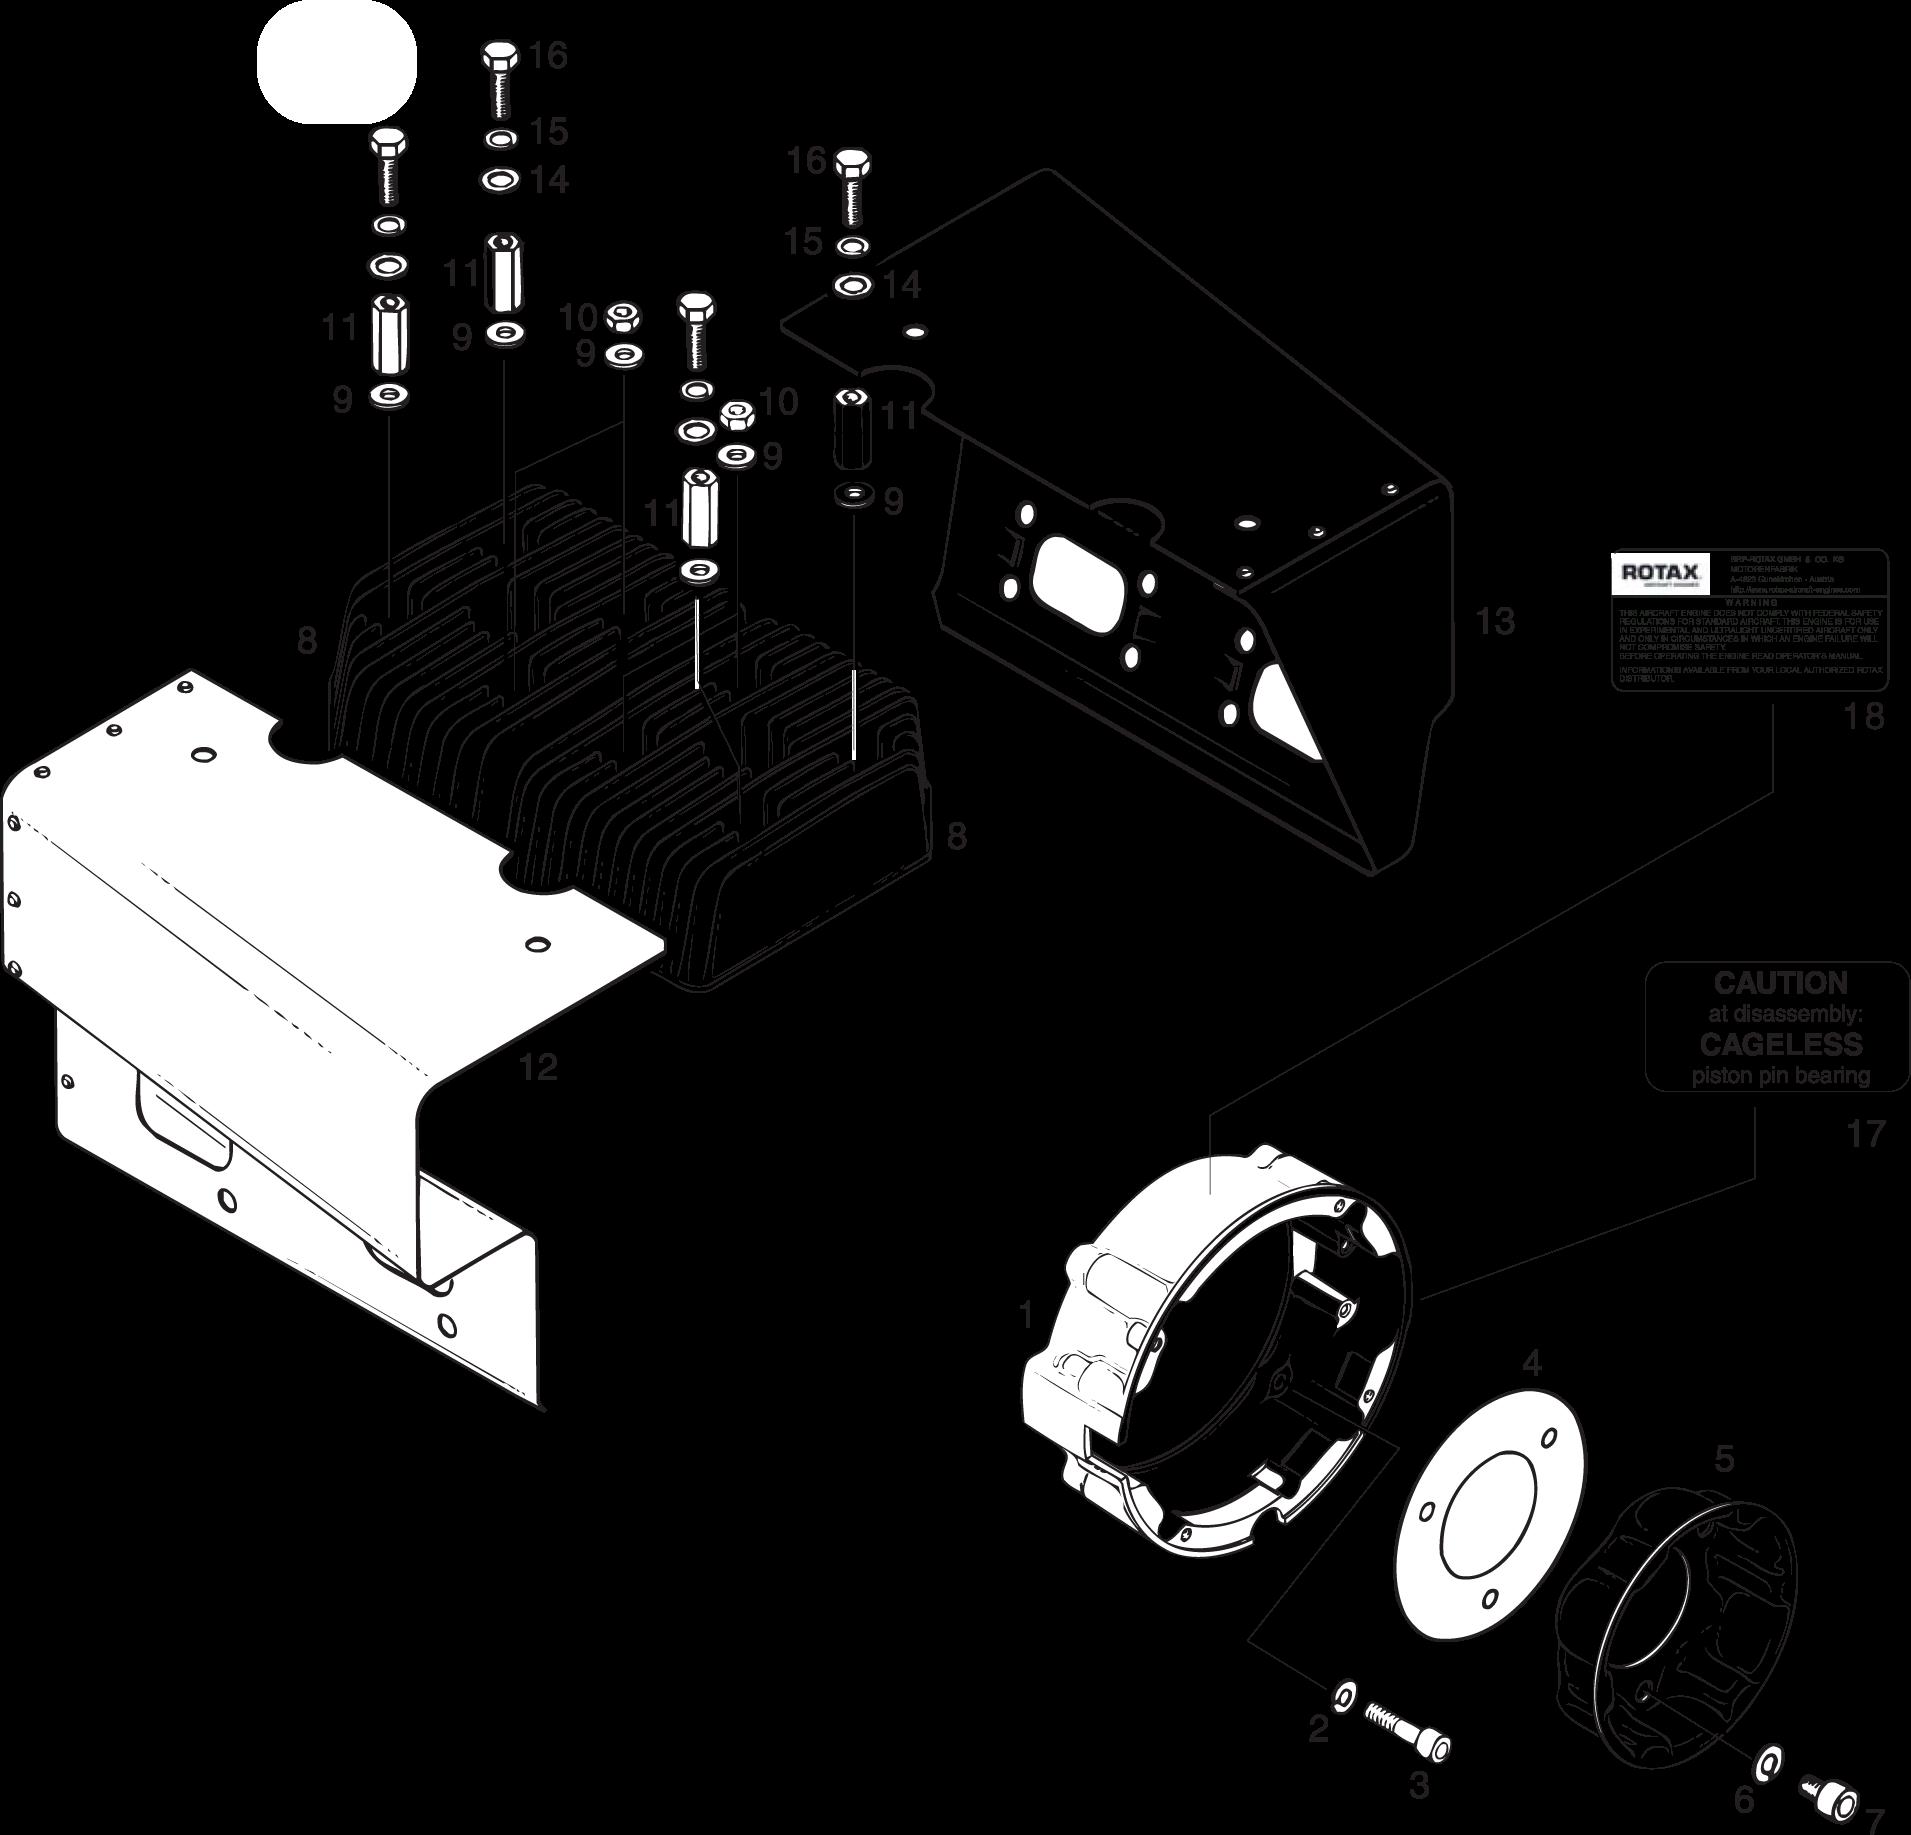 1986 honda crx vacuum diagram